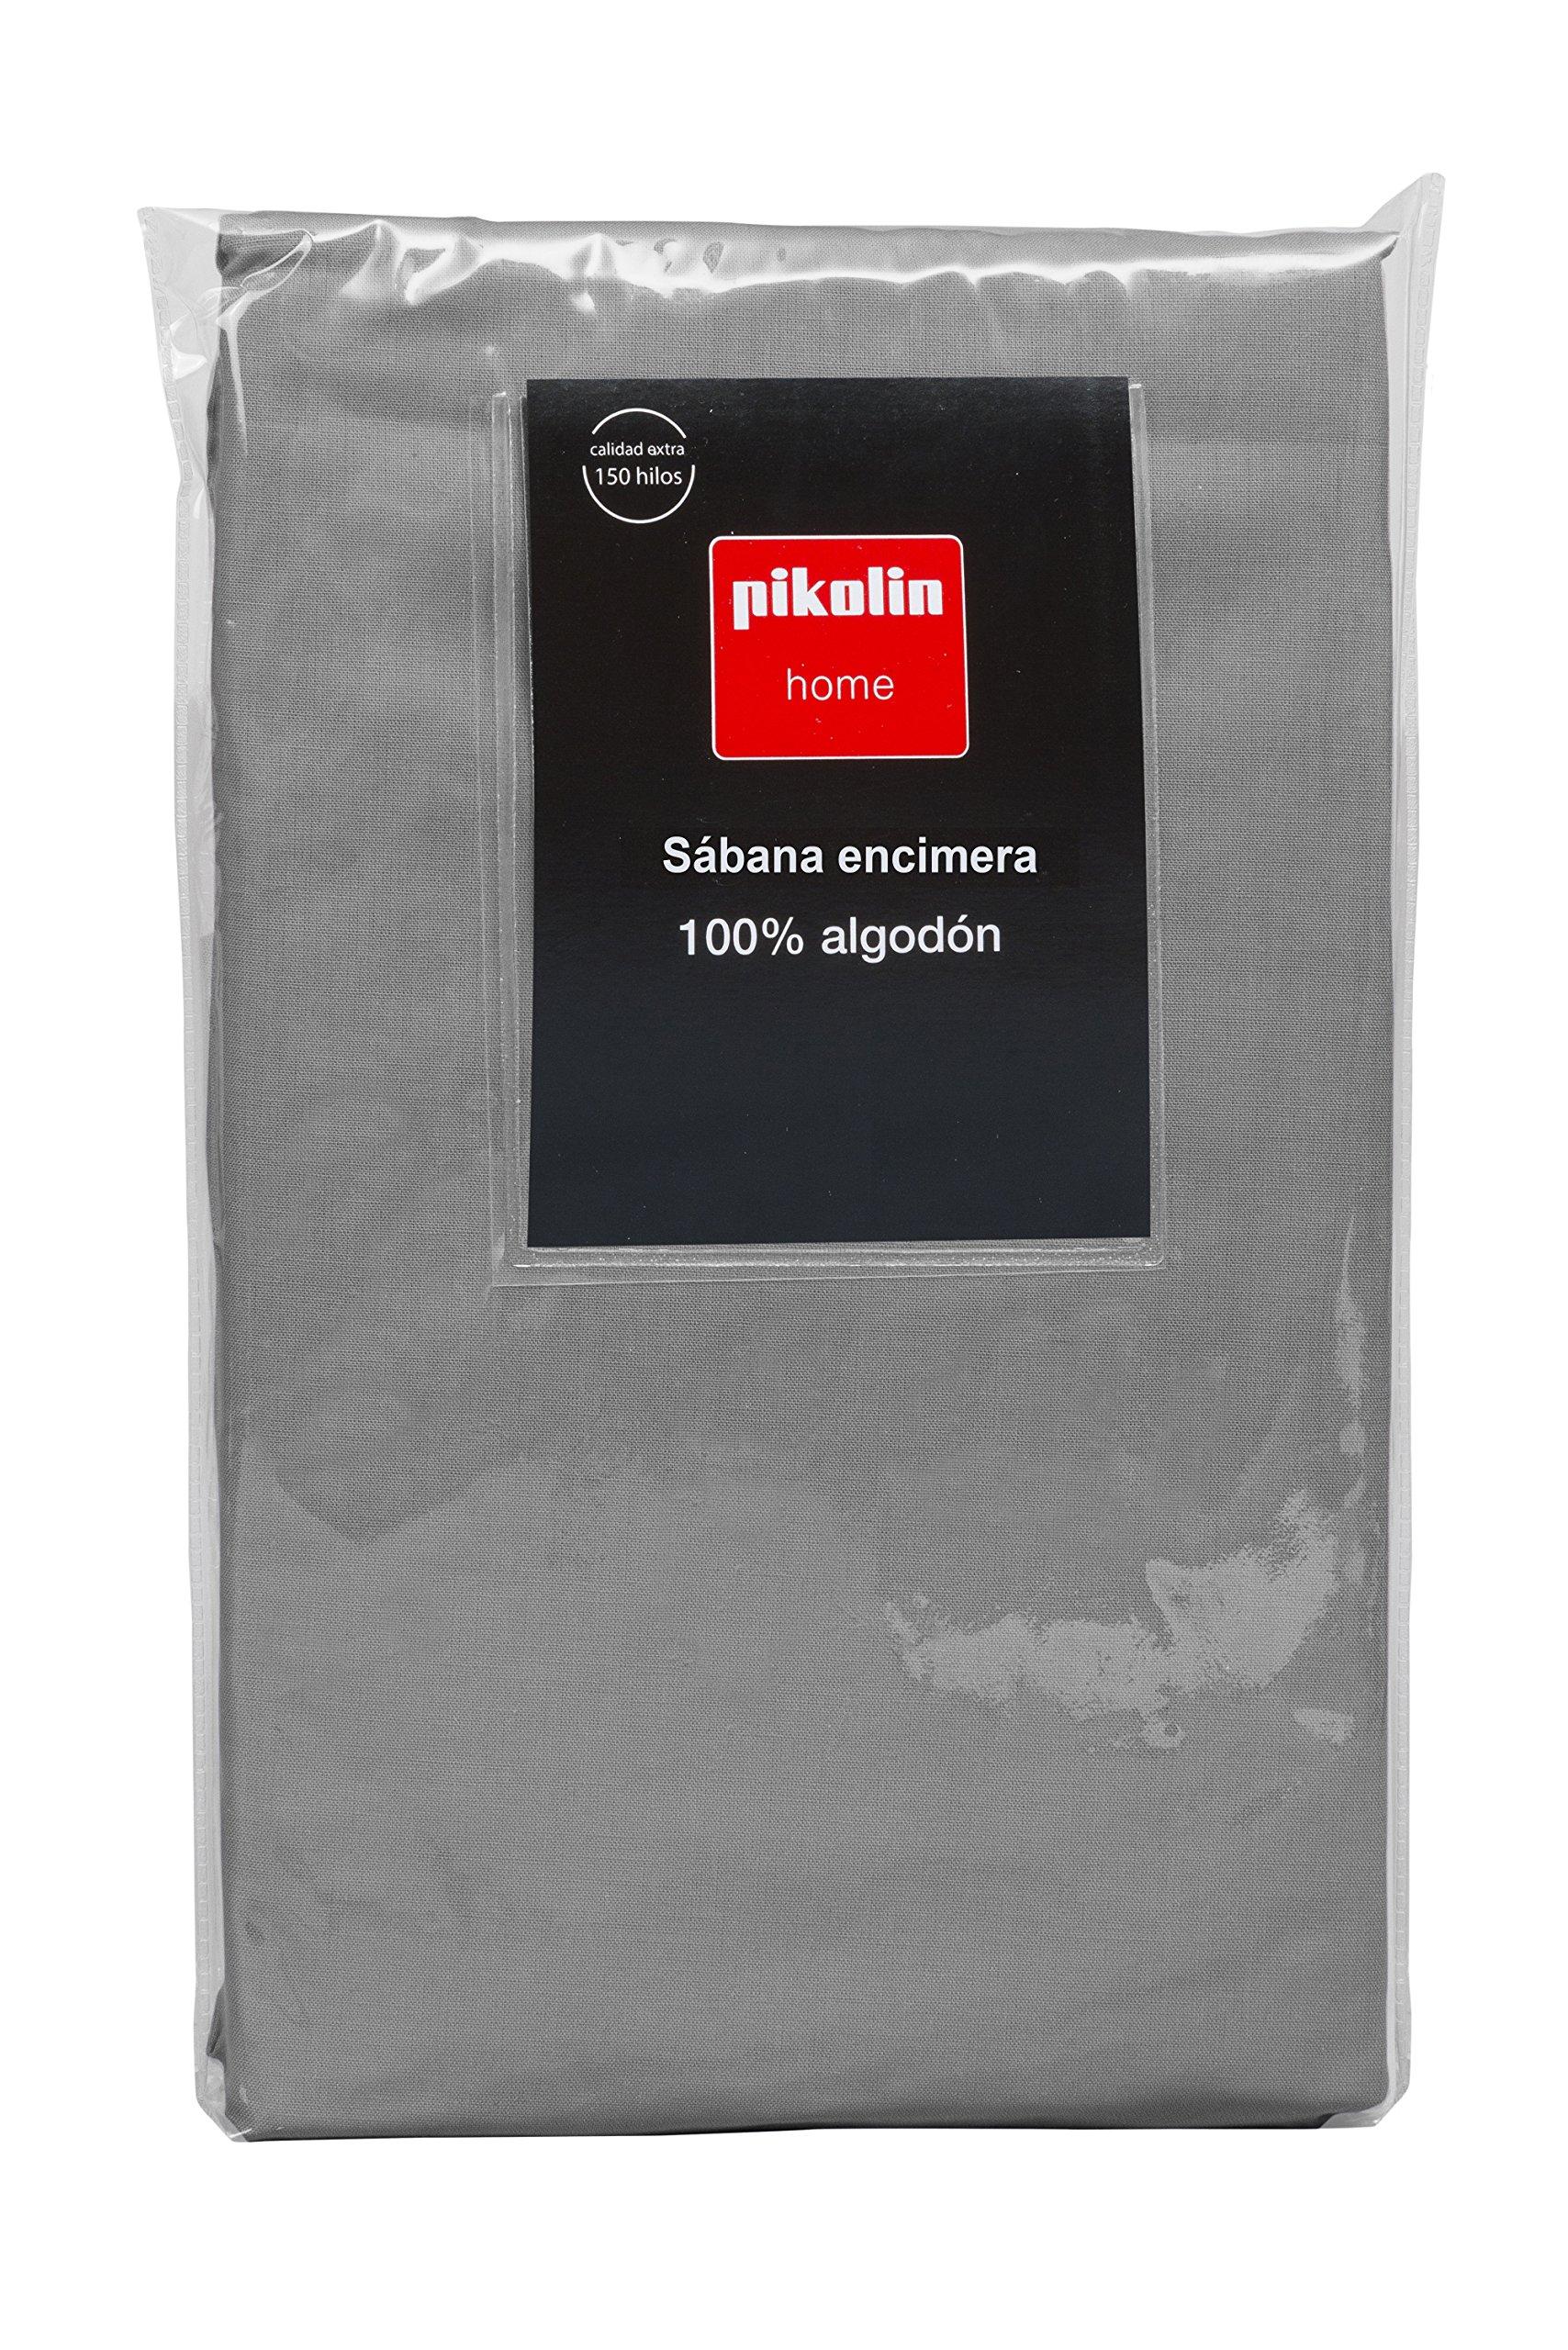 Pikolin Home - Sábana encimera, 100% algodón, 270x270cm, cama 180, colorgris (Todas las medidas): Amazon.es: Hogar